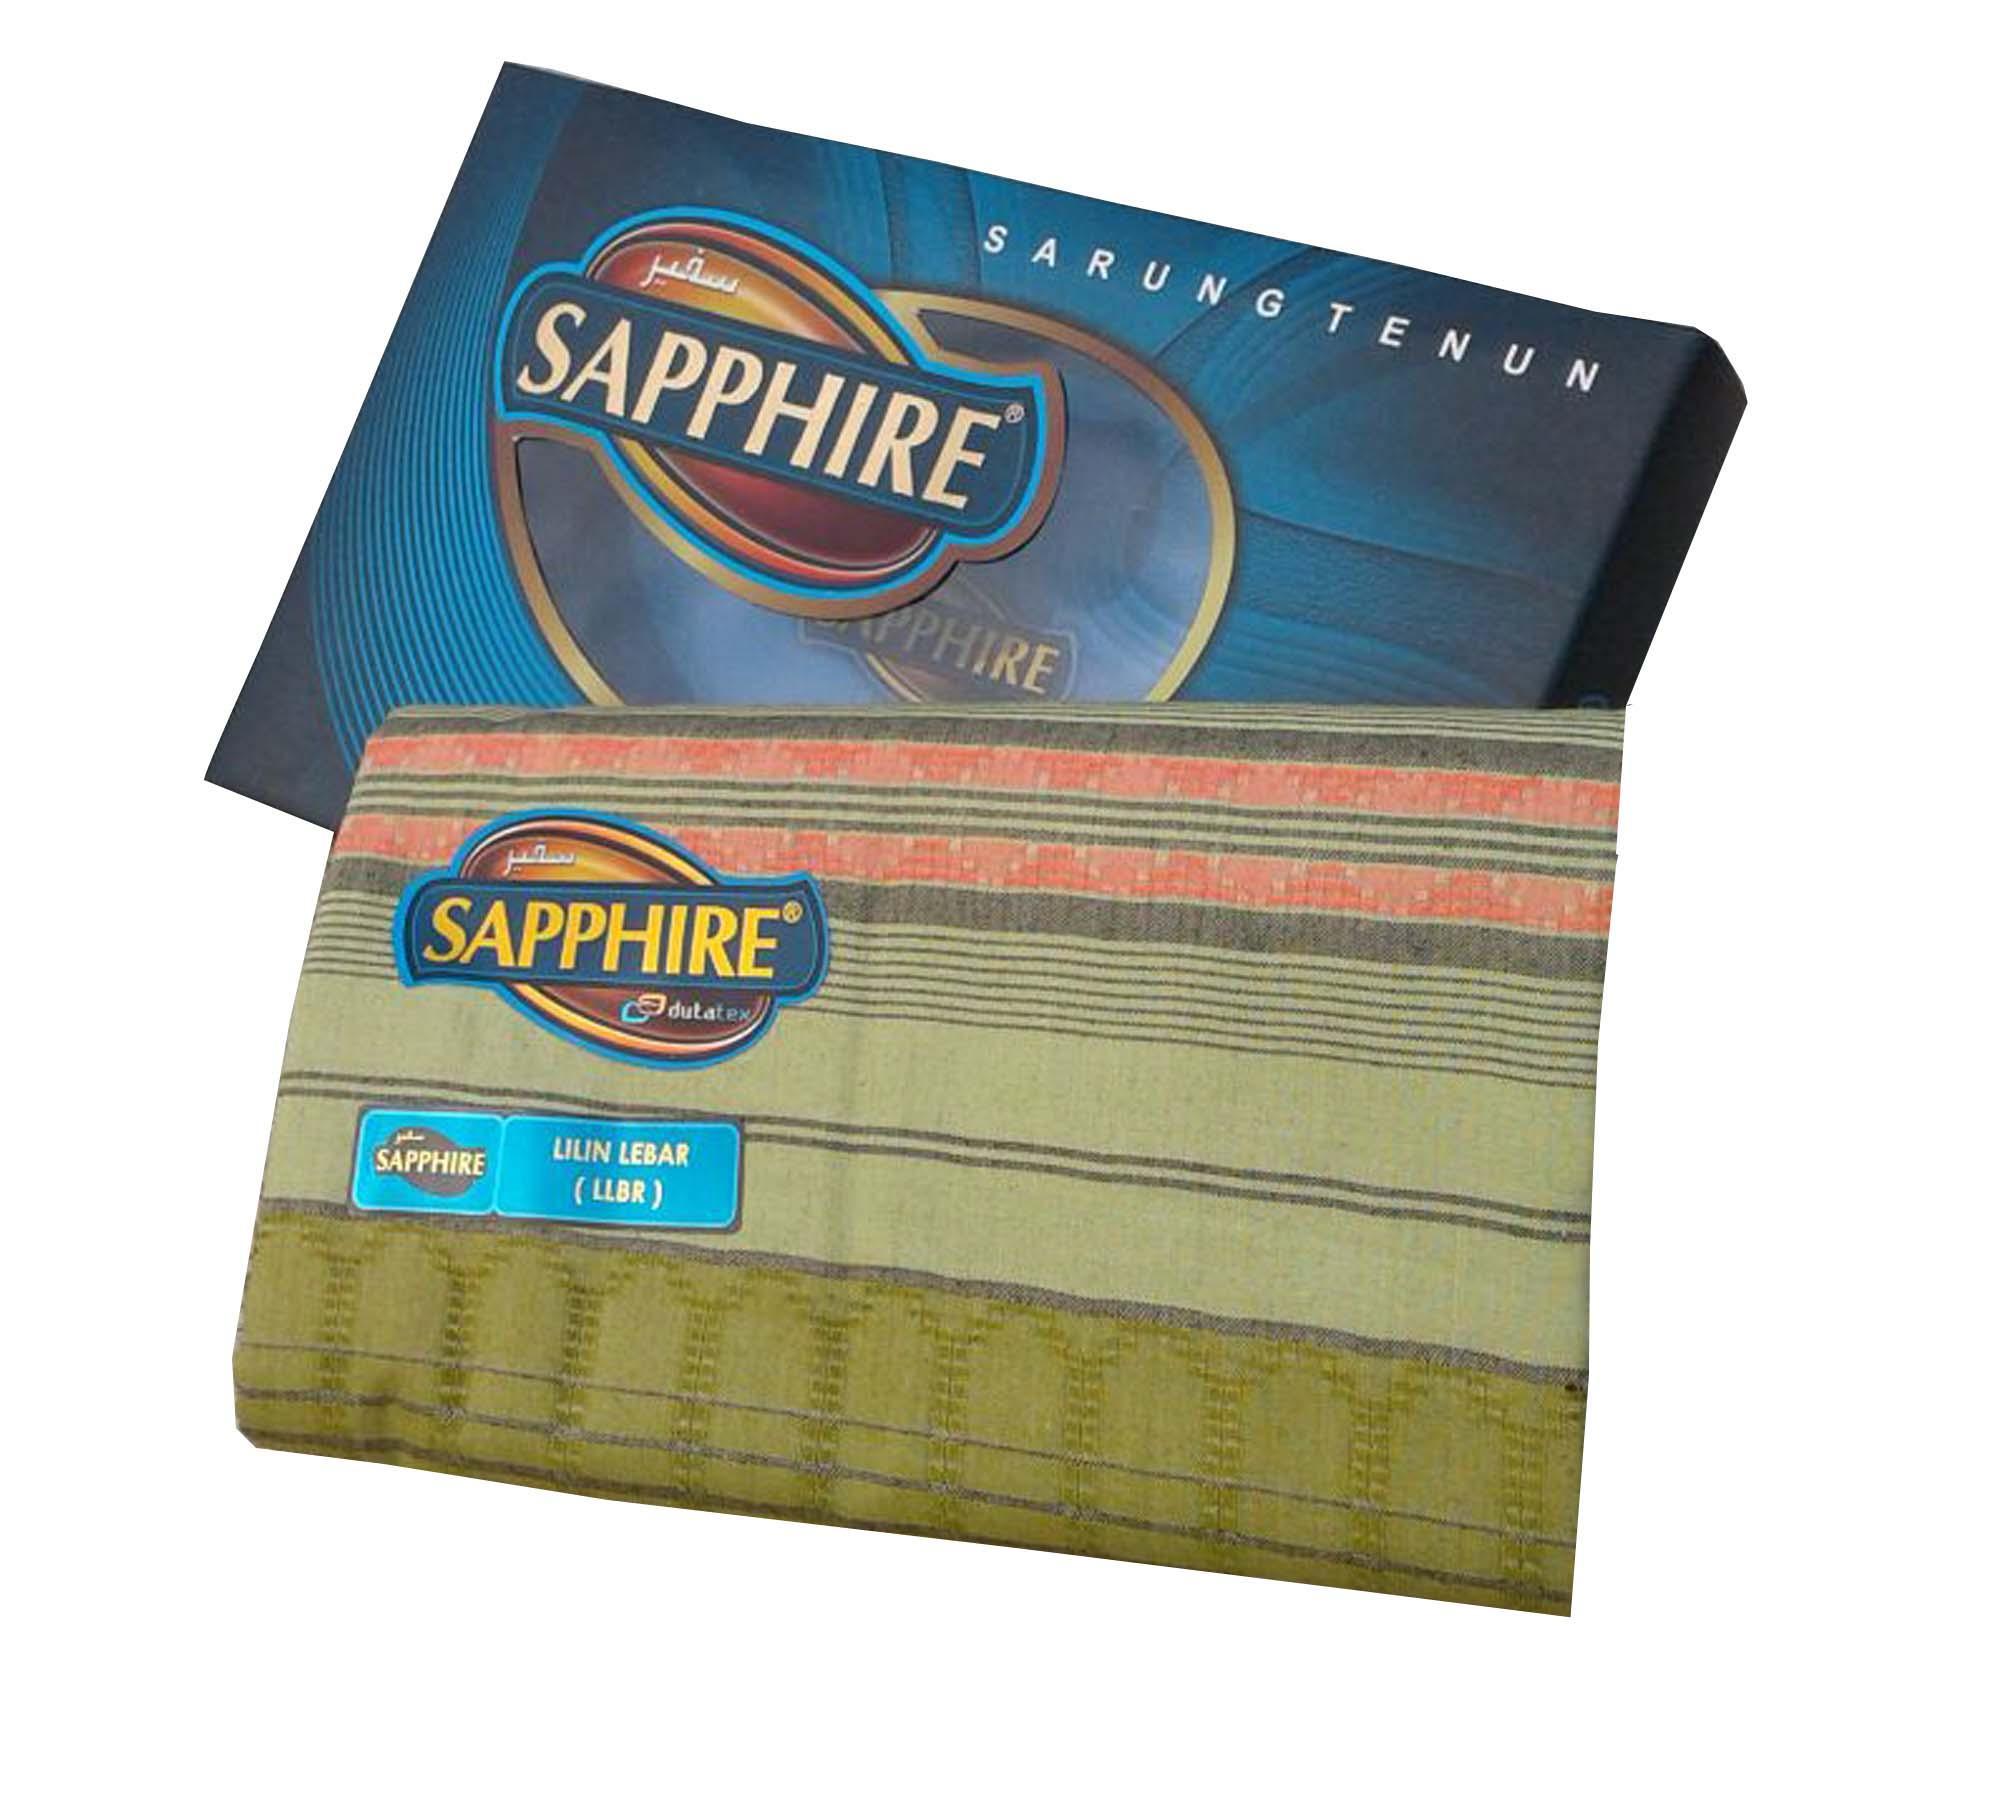 Diky/ Sarung Pria/ Sarung Sapphire/ Sarung Tenun/ Sarung 100% Indonesia/ Sarung Pekalongan/ Sarung Simple/Sarung motif lilin lebar